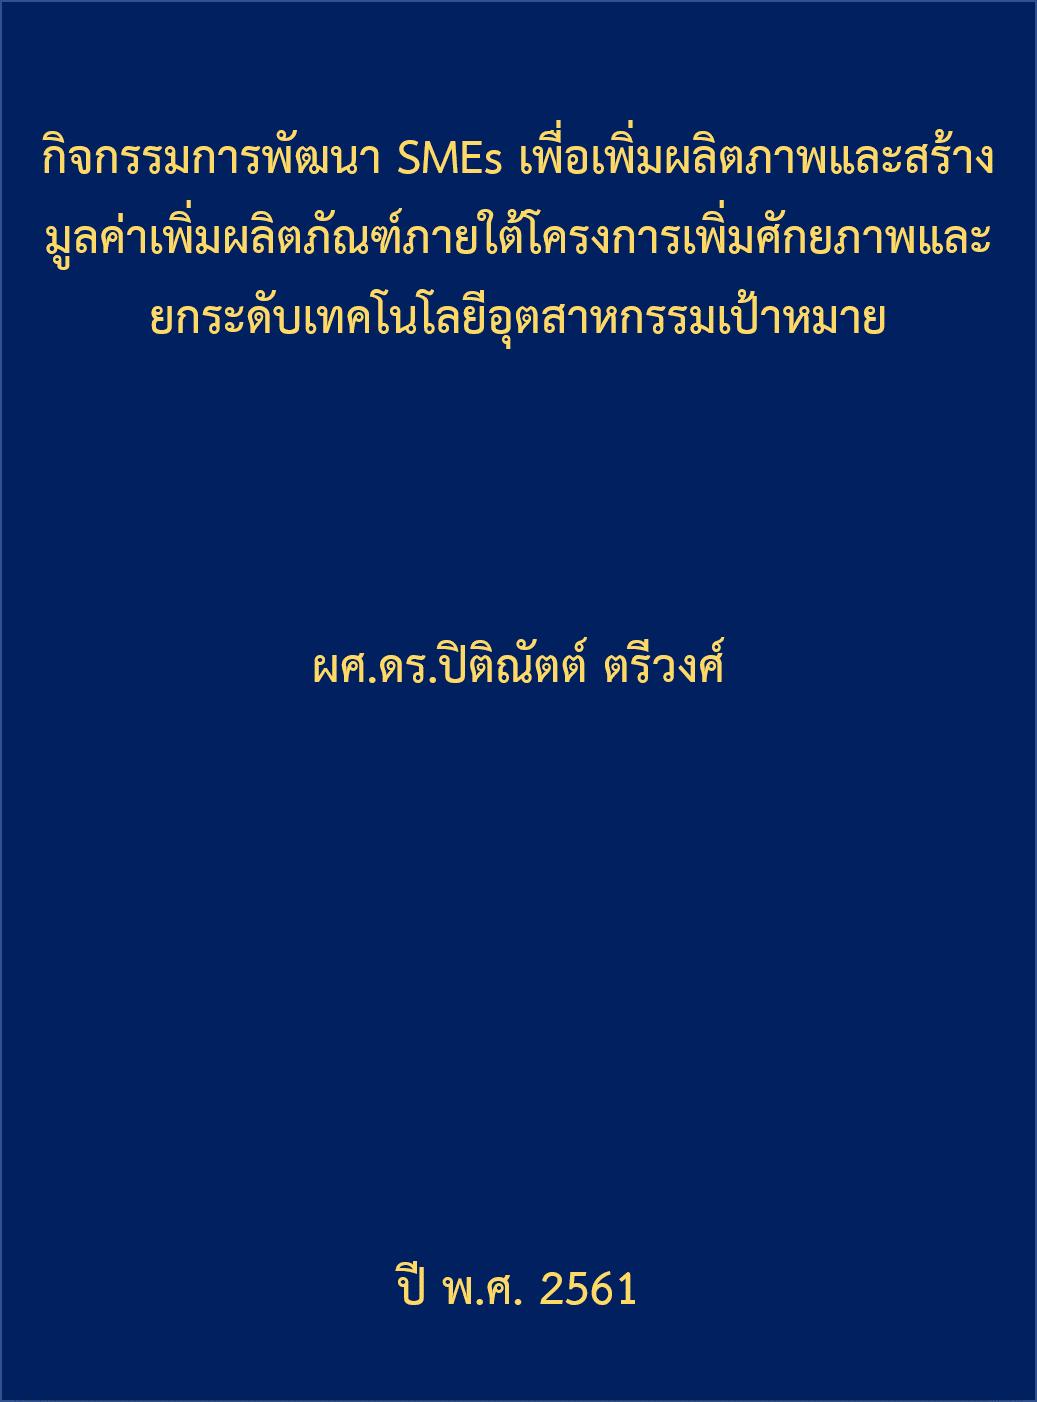 Cover of กิจกรรมการพัฒนา SMEs เพื่อเพิ่มผลิตภาพและสร้างมูลค่าเพิ่มผลิตภัณฑ์ภายใต้โครงการเพิ่มศักยภาพและยกระดับเทคโนโลยีอุตสาหกรรมเป้าหมาย